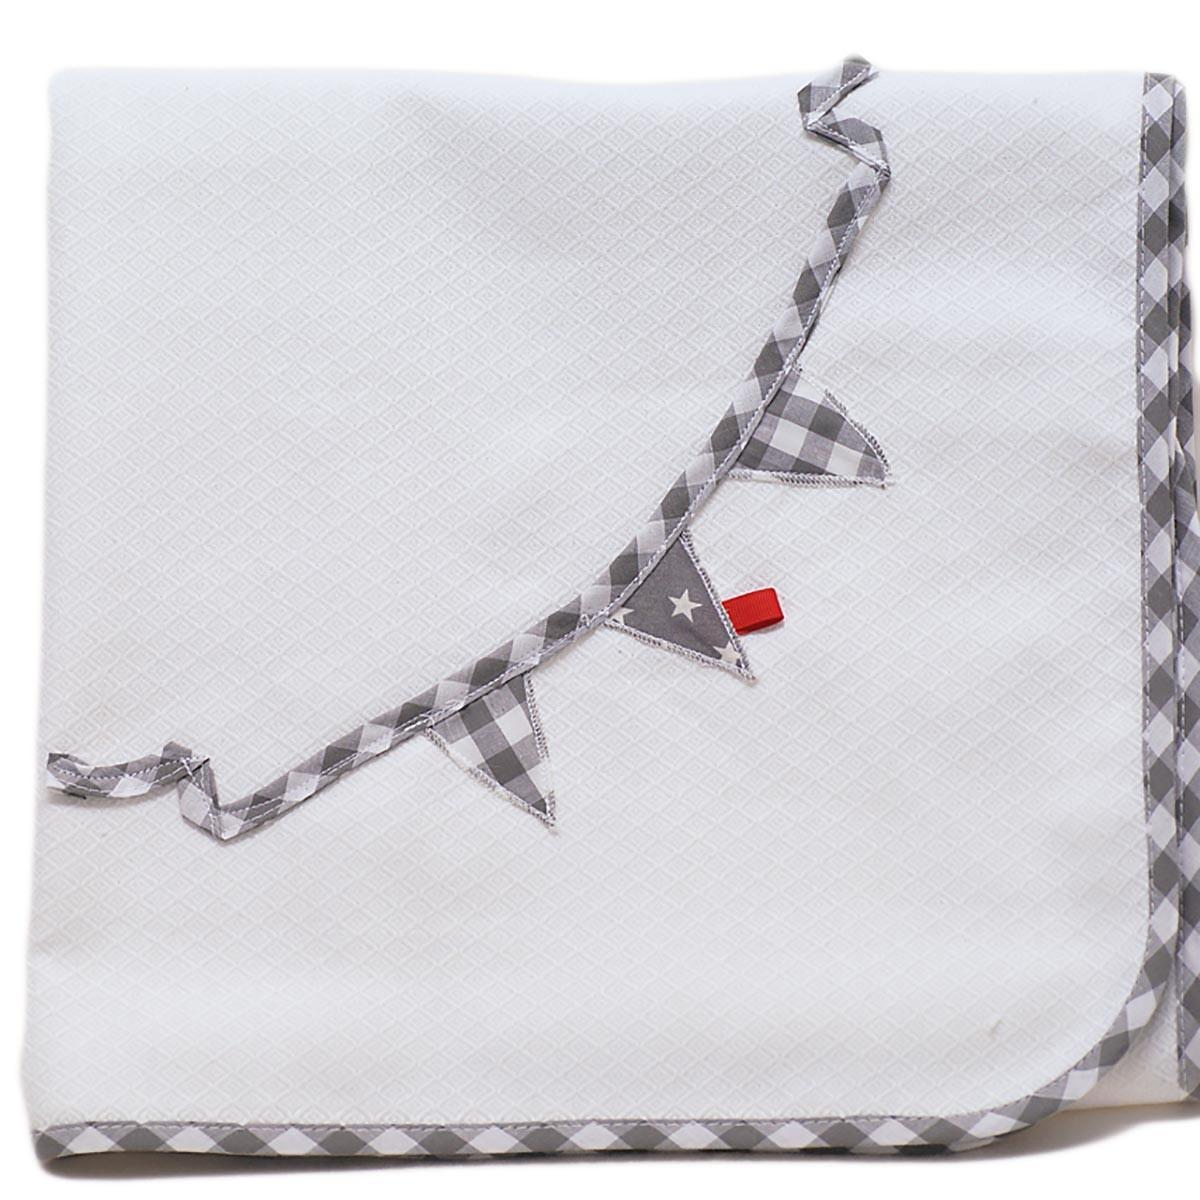 Κουβέρτα Πικέ Αγκαλιάς Ninna Nanna Γκρι Αστέρι home   βρεφικά   κουβέρτες βρεφικές   κουβέρτες καλοκαιρινές